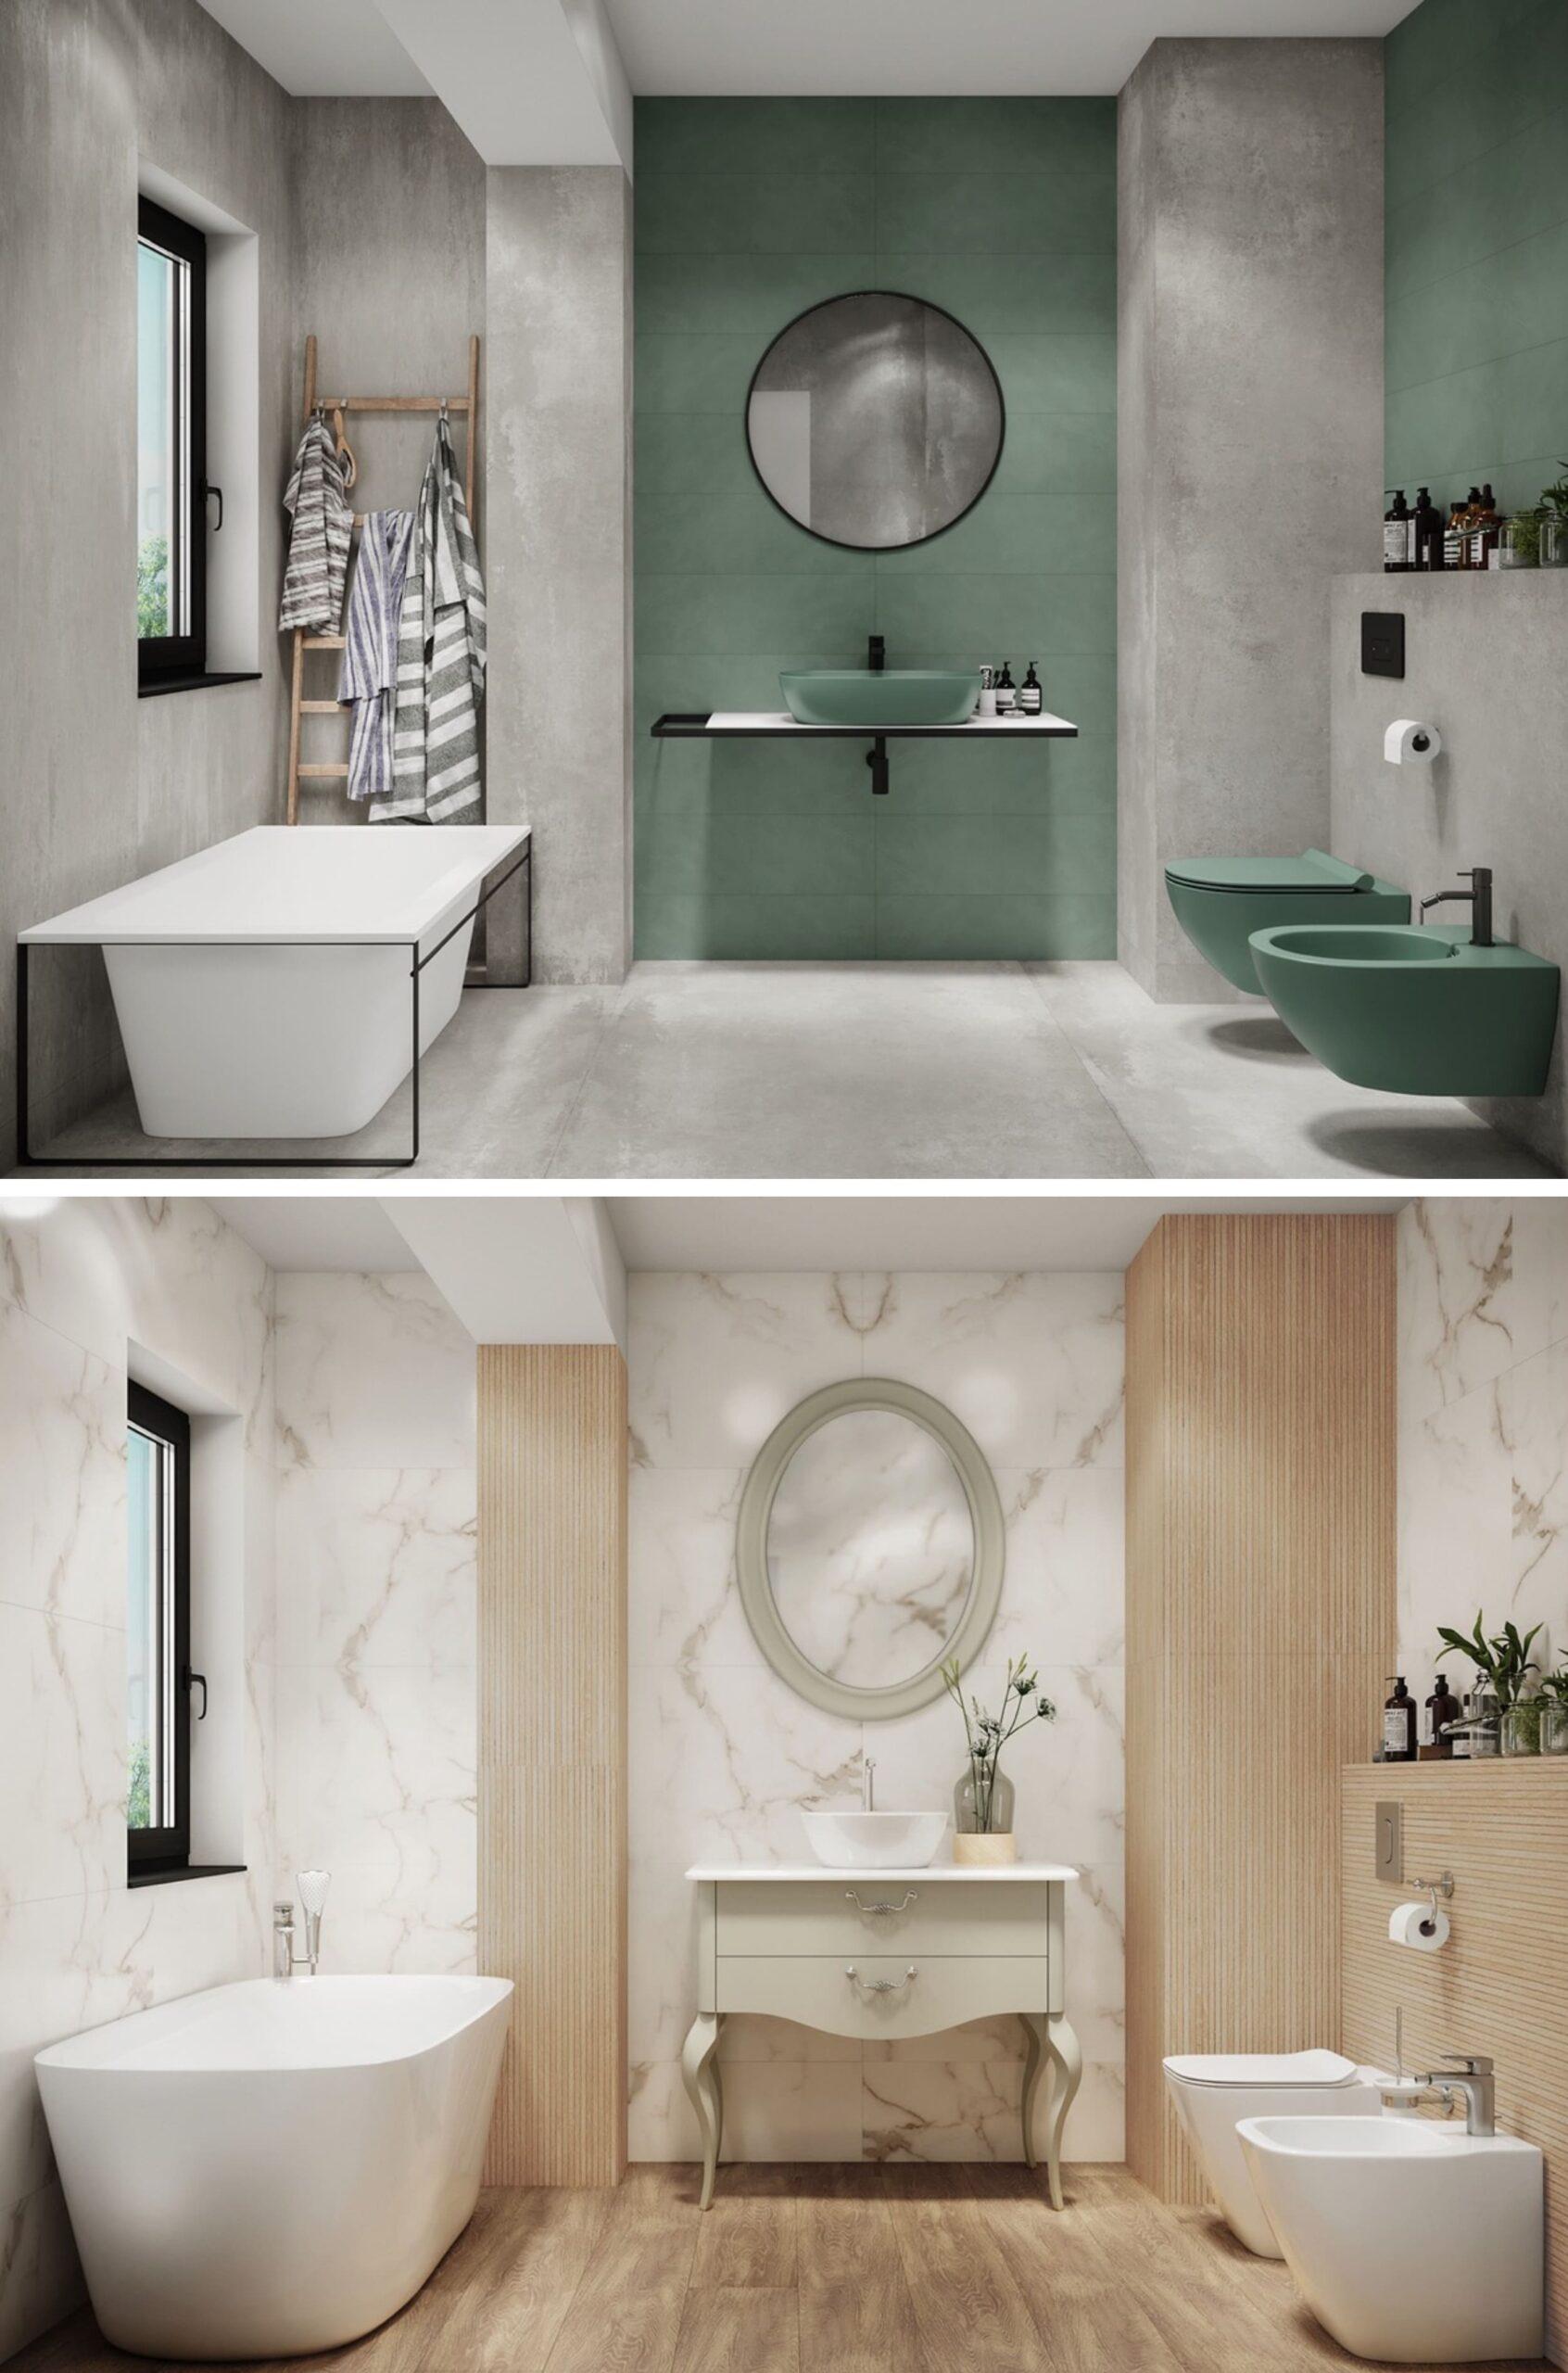 дизайн интерьера ванной комнаты фото 23